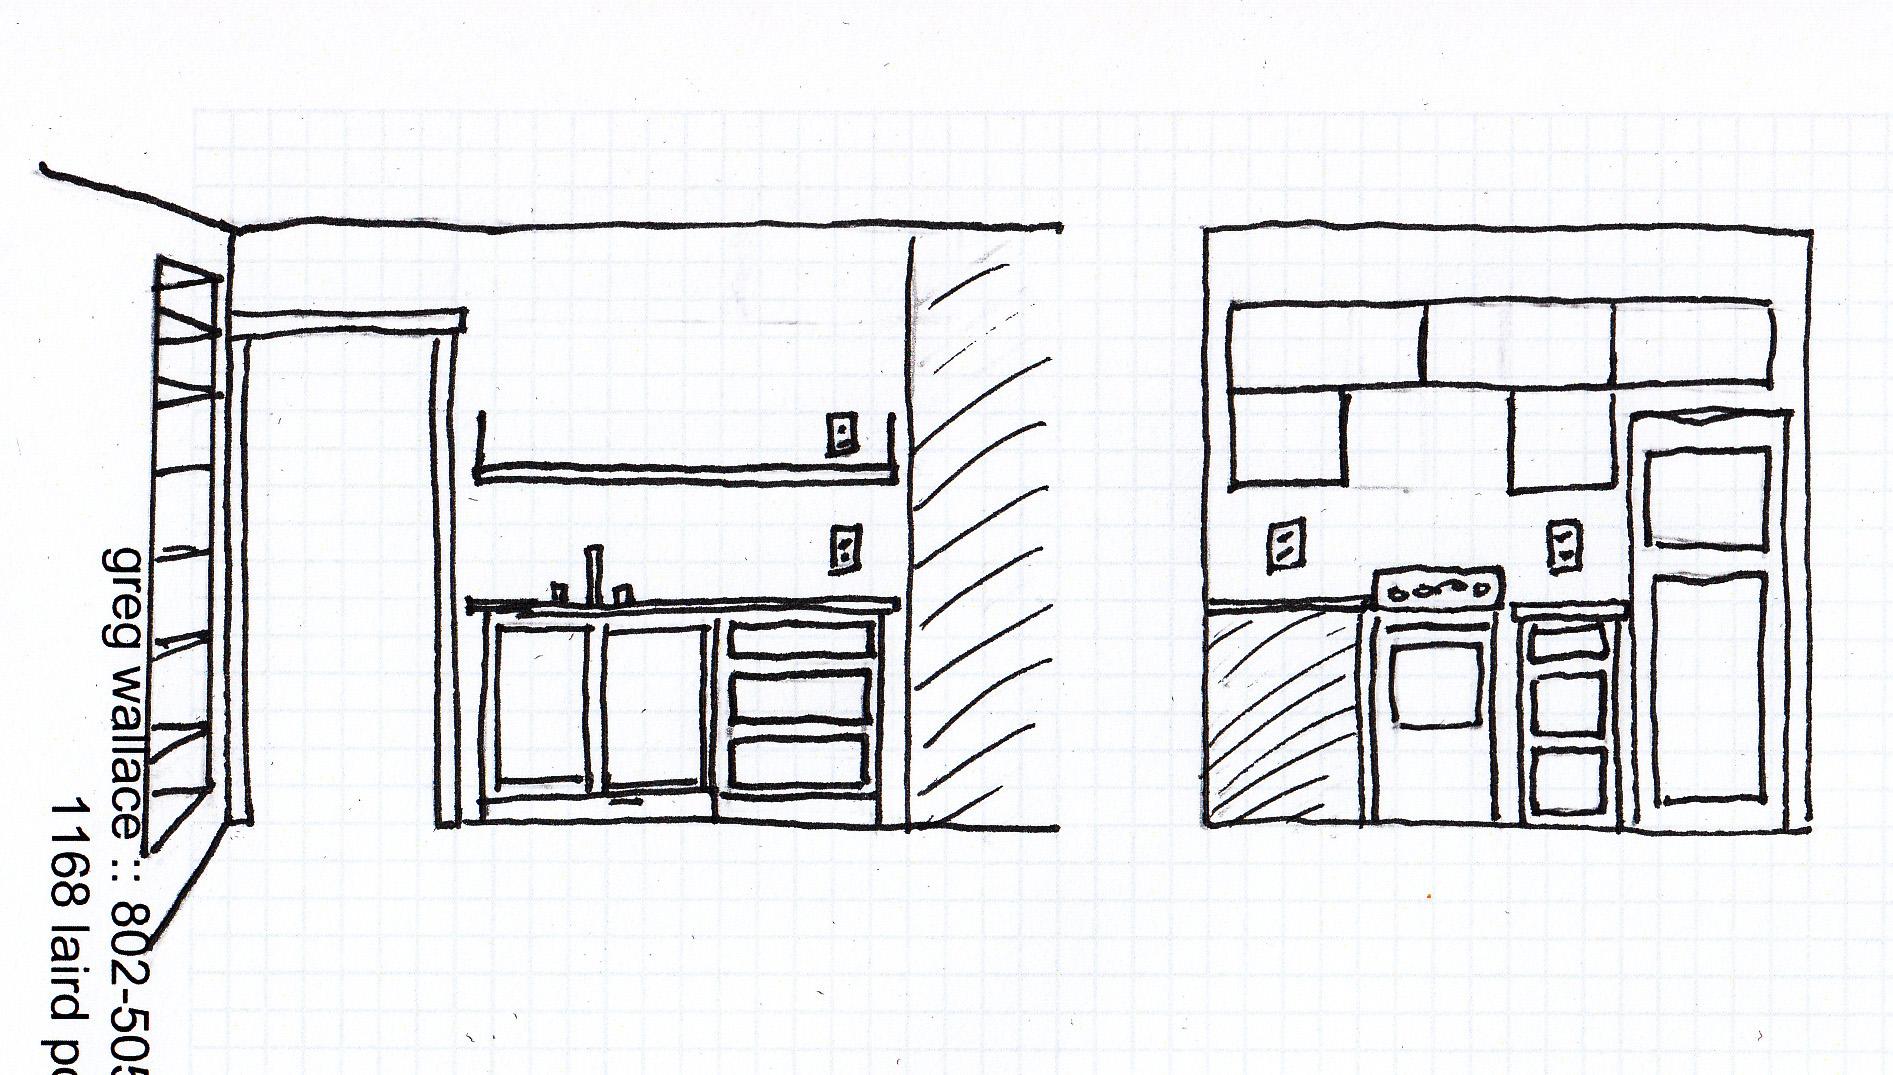 Kitchen Elevation Sketch